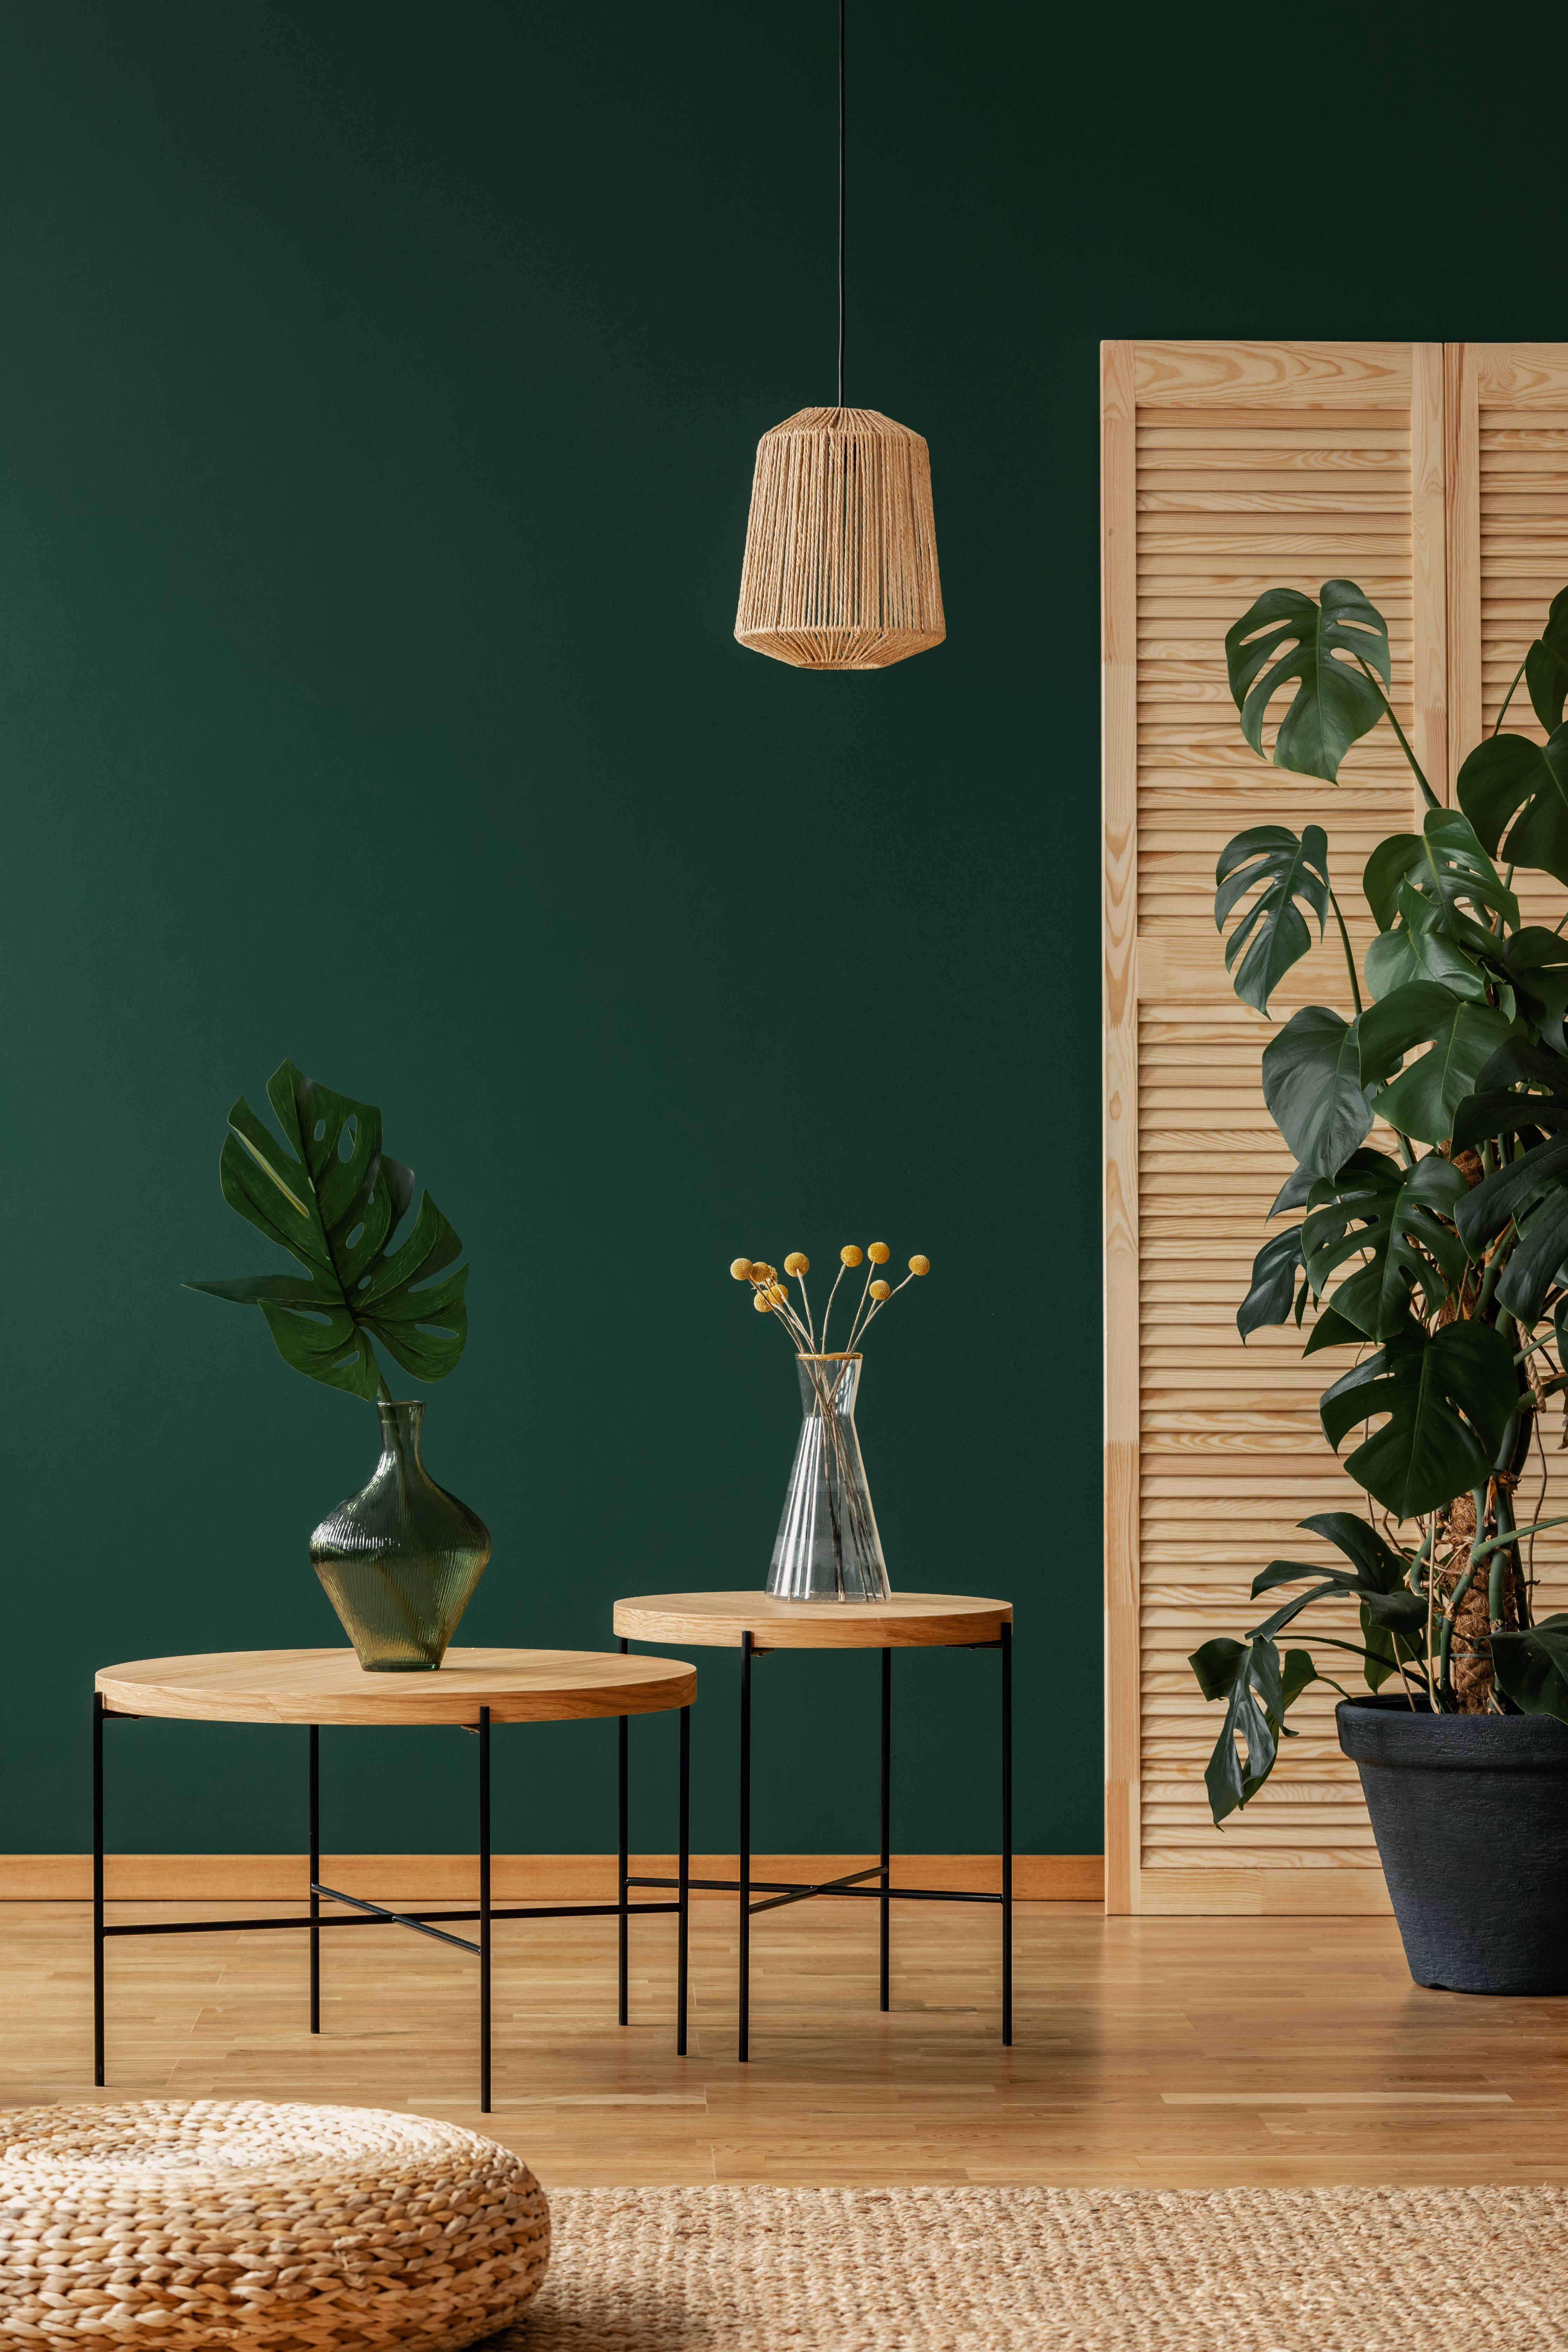 Manche Lieben Es Rustikal Manche Bunt Und Manche Schlicht Aber Jeder Liebt Sein Zu Hause Egal Ob Aus Holz Met Wohnzimmerfarbe Einrichtungsideen Wohn Design